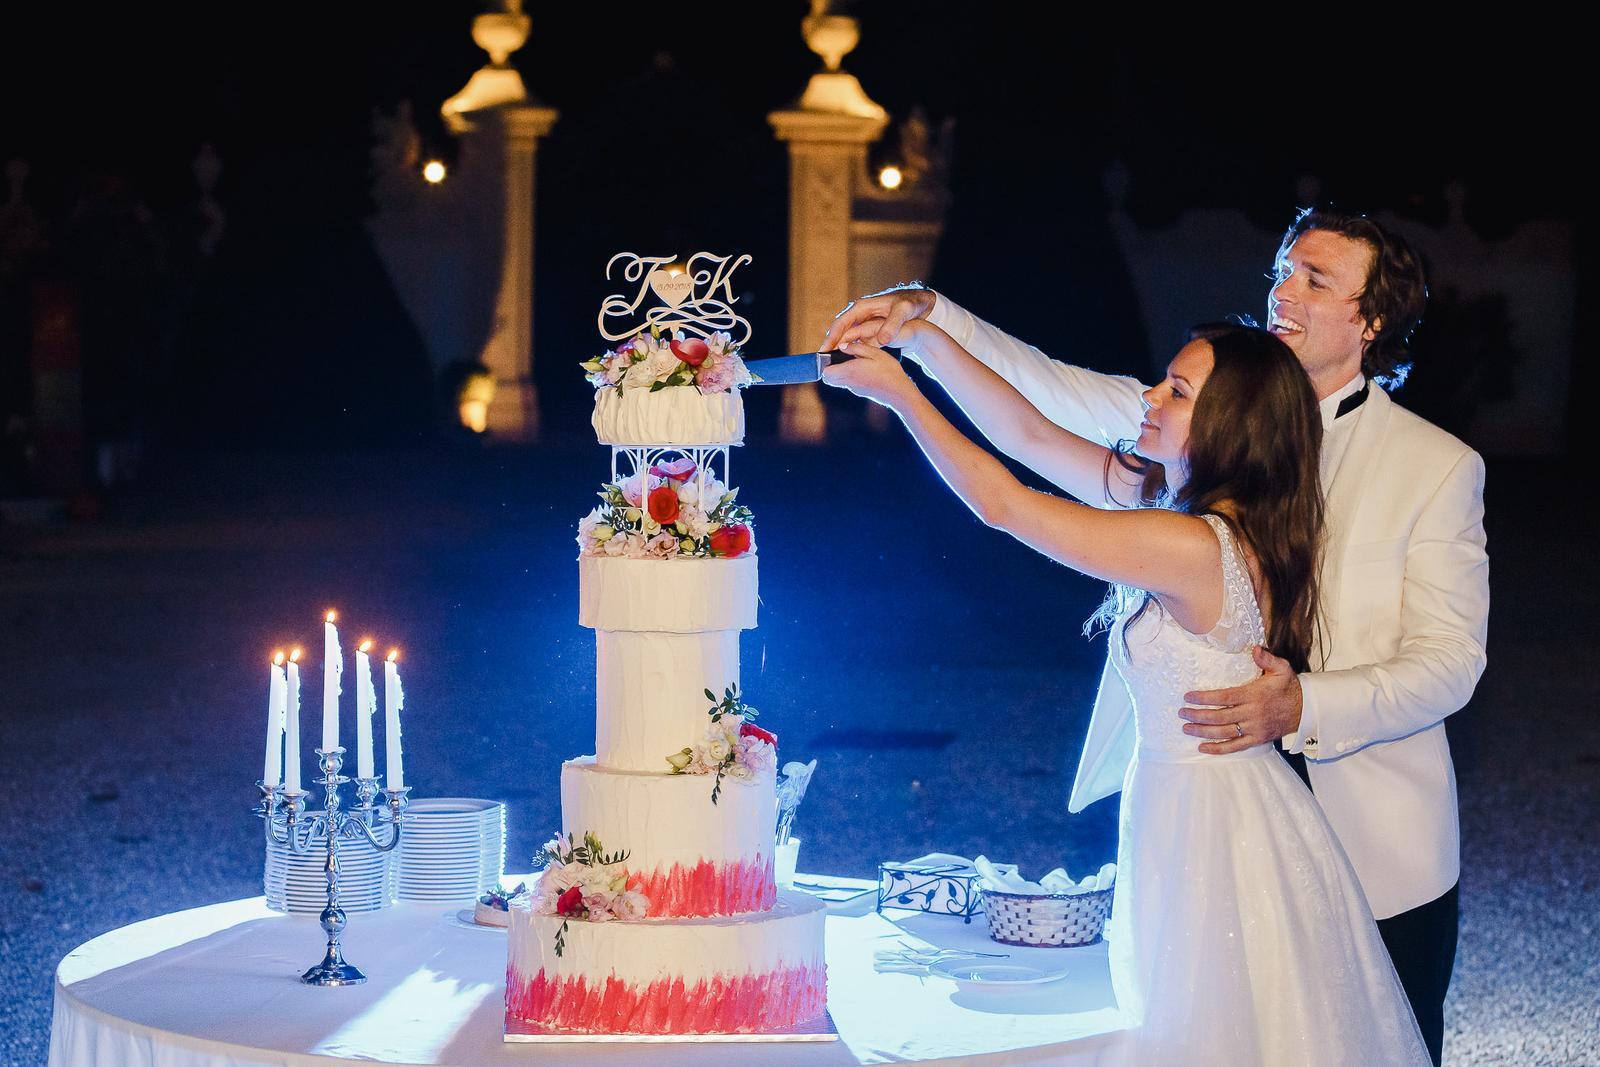 Ekaterina & Thomas - Wedding in Austria ❤️ - Obrázok č. 63